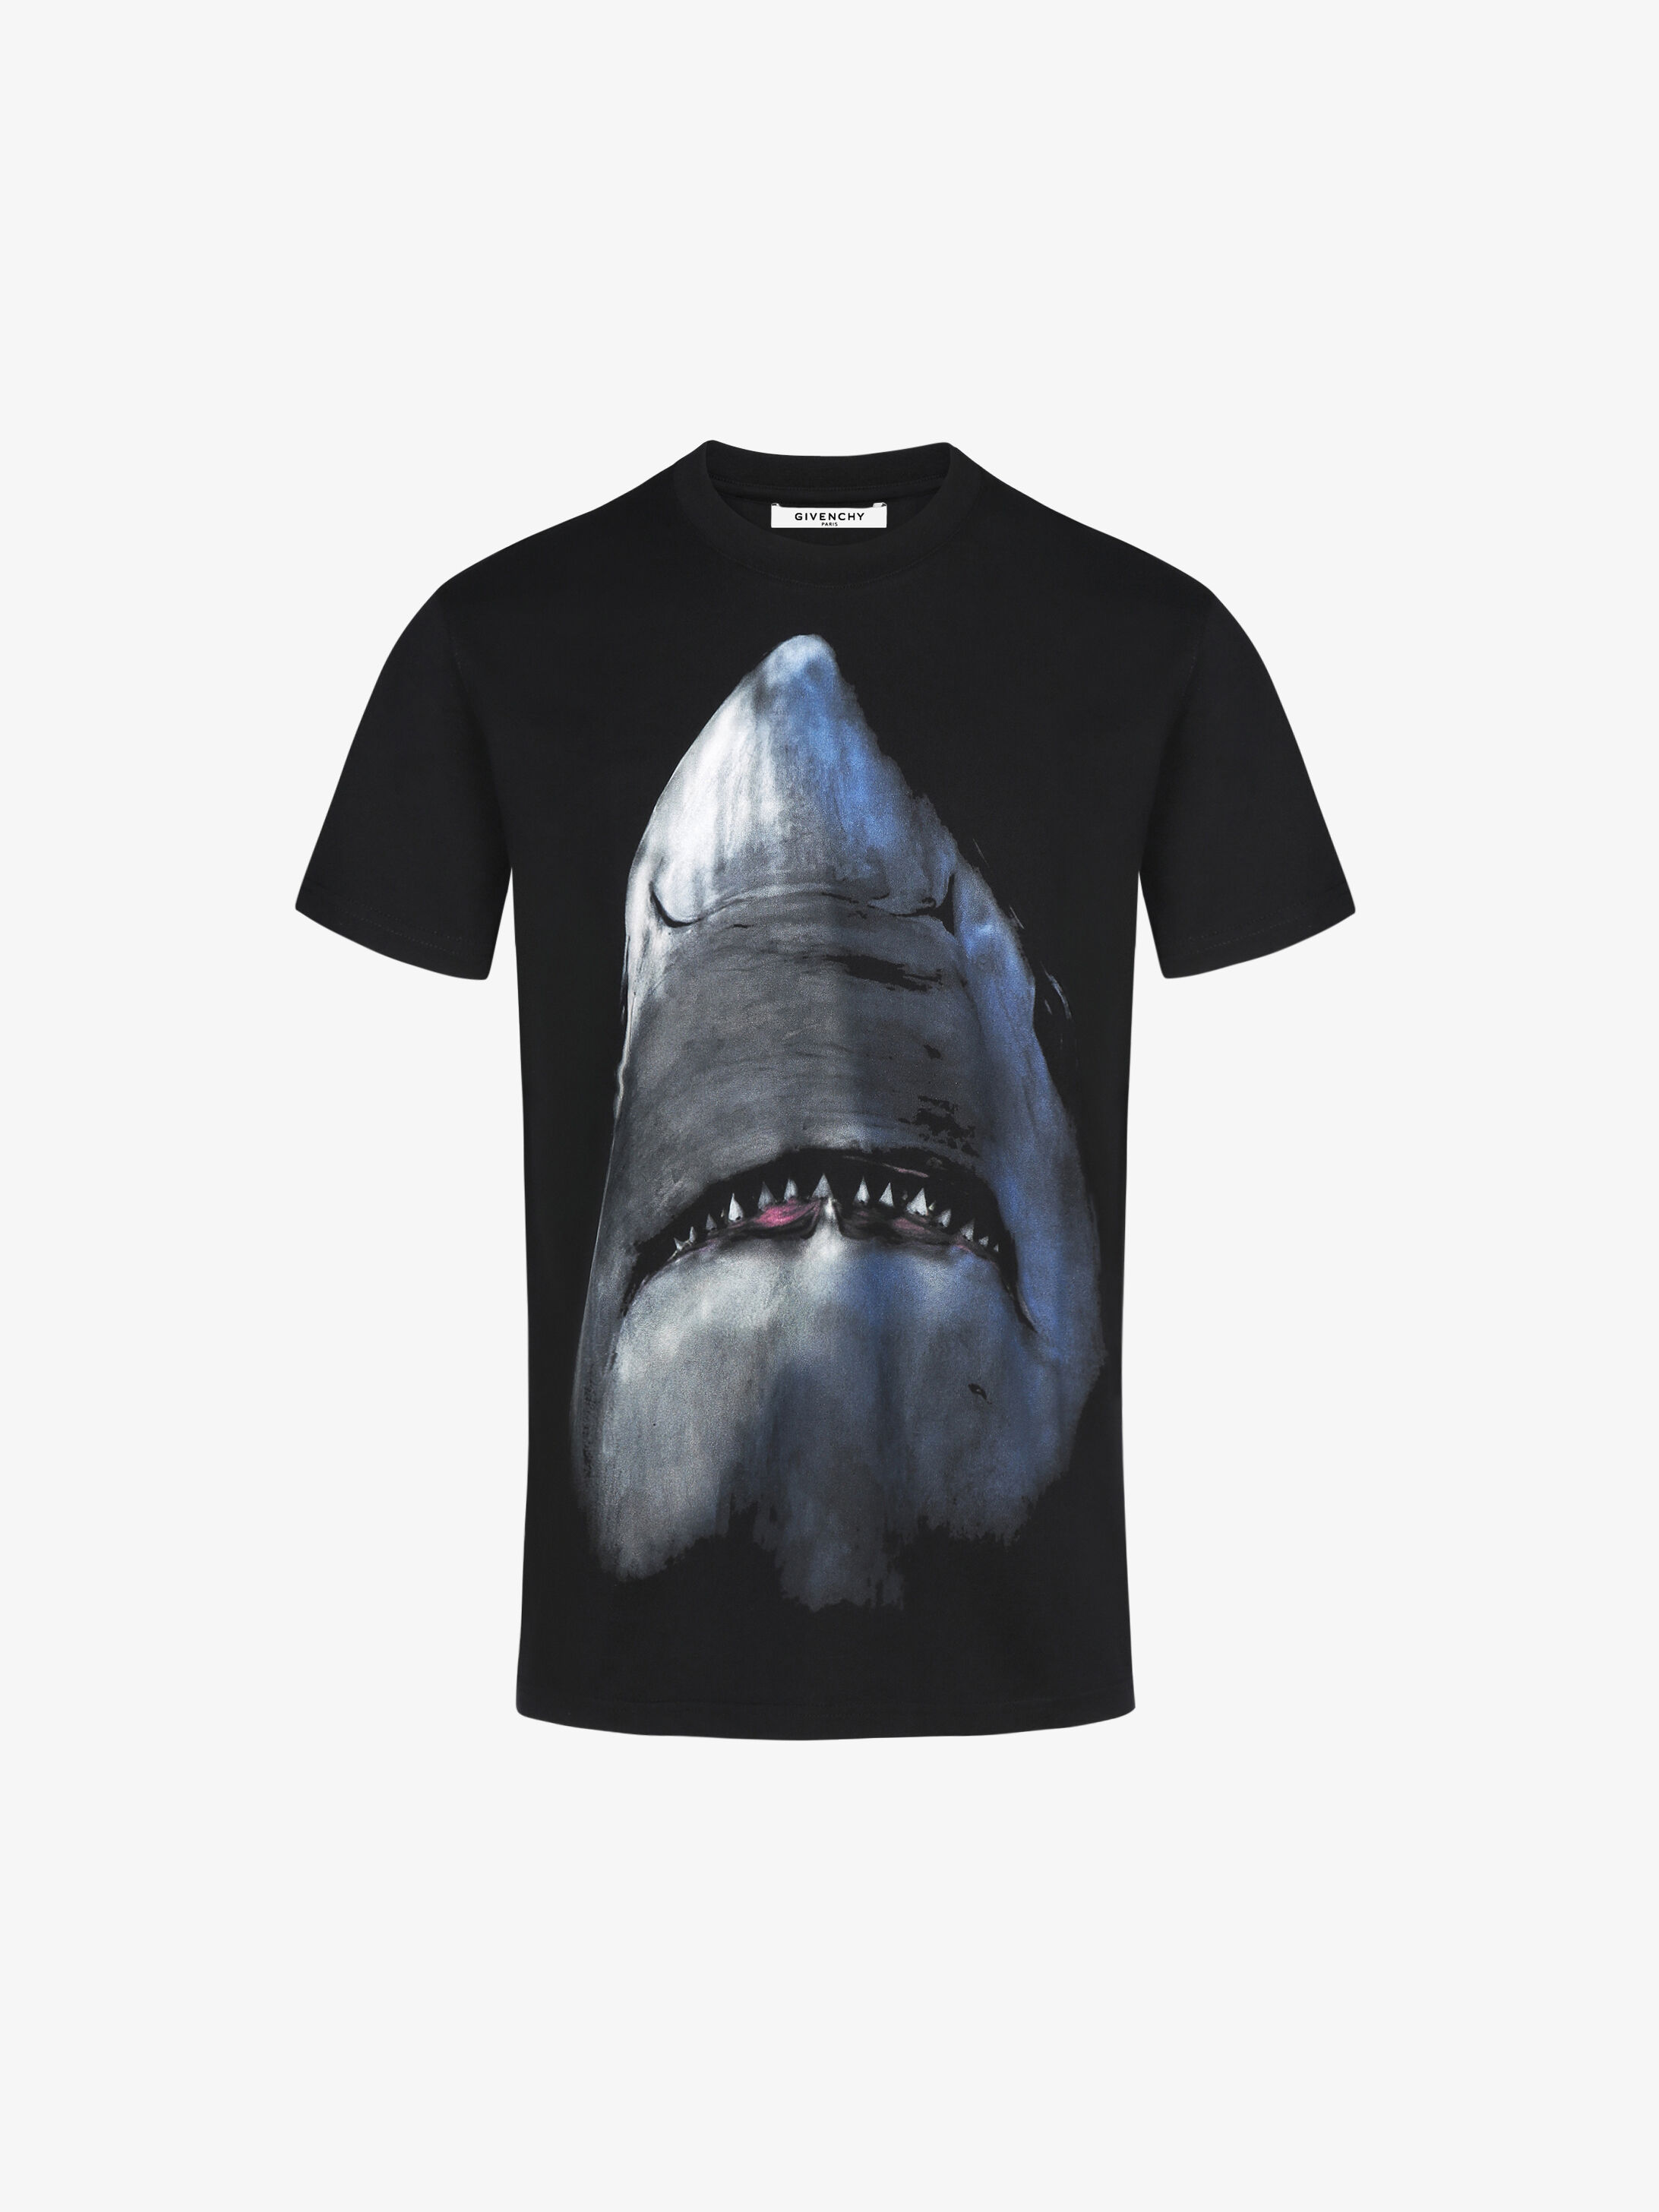 787d816934 Givenchy Shark printed t-shirt | GIVENCHY Paris